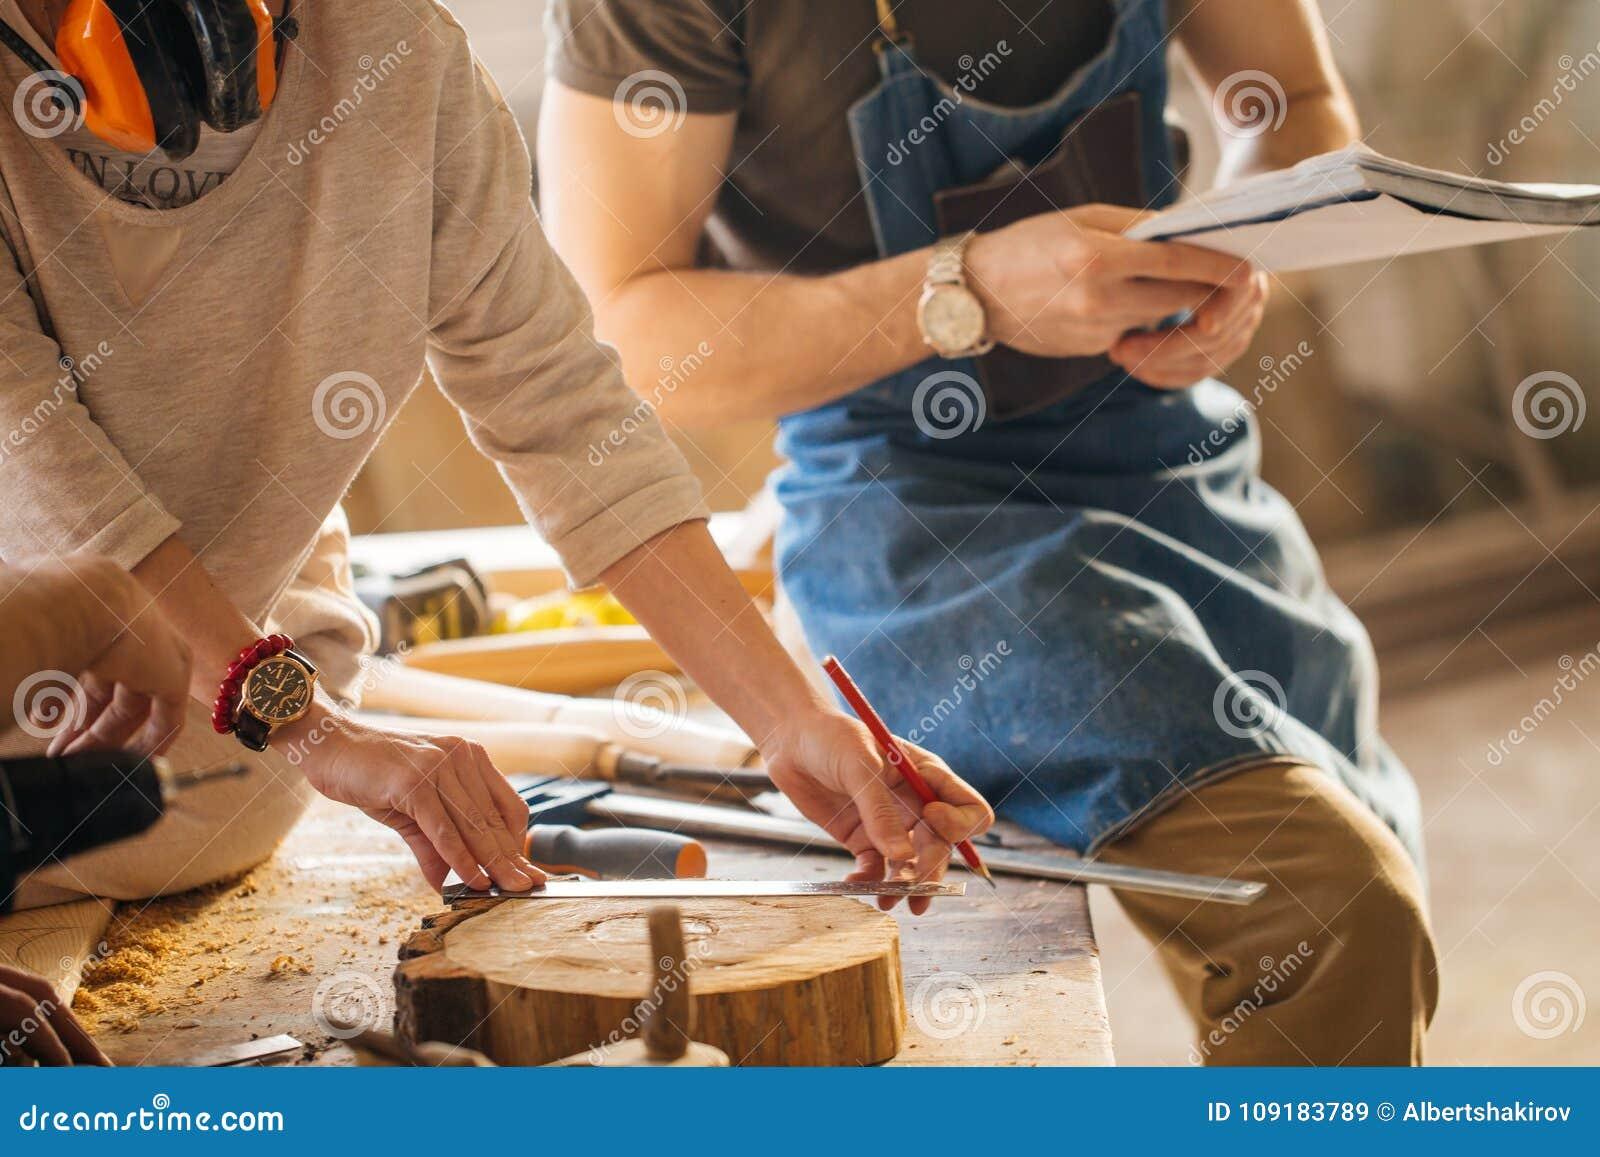 Tischler Training Female Apprentice, zum der Fläche zu benutzen